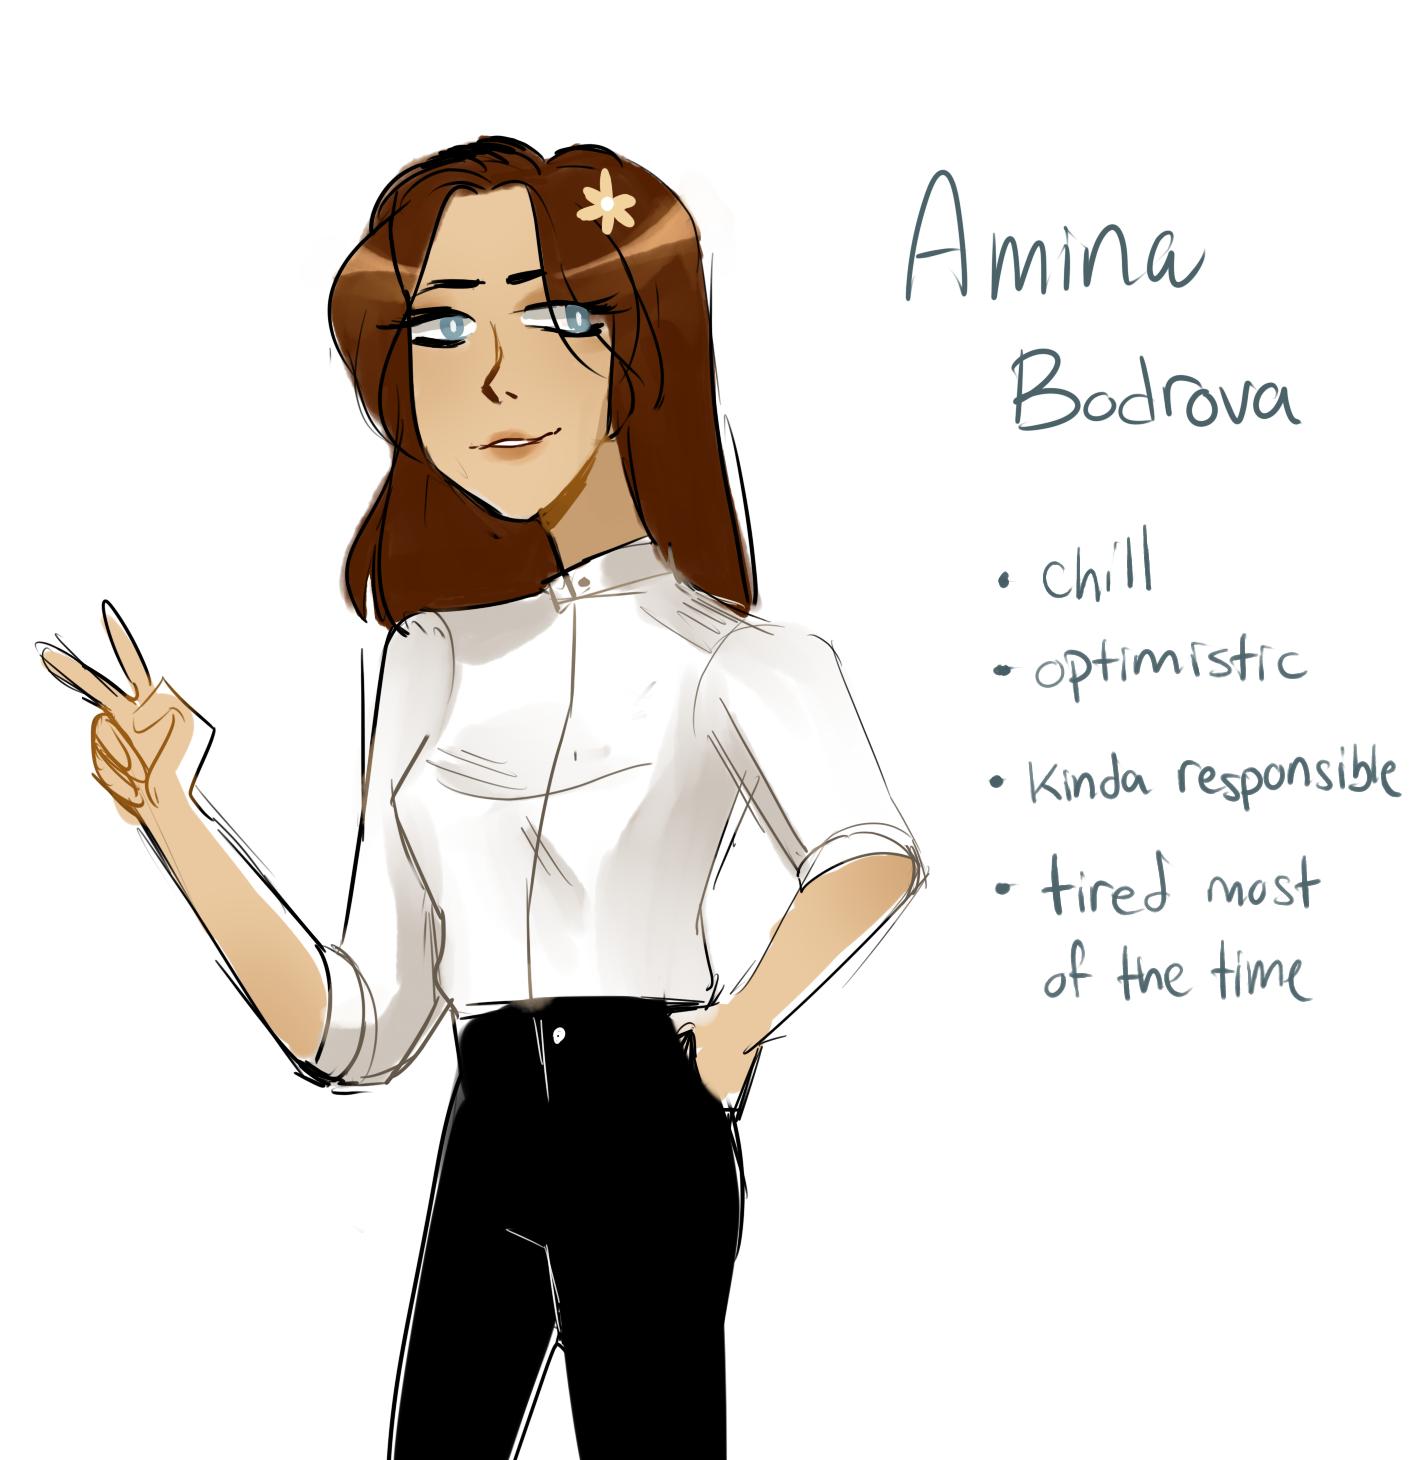 Amina Bodrova by yosuehere